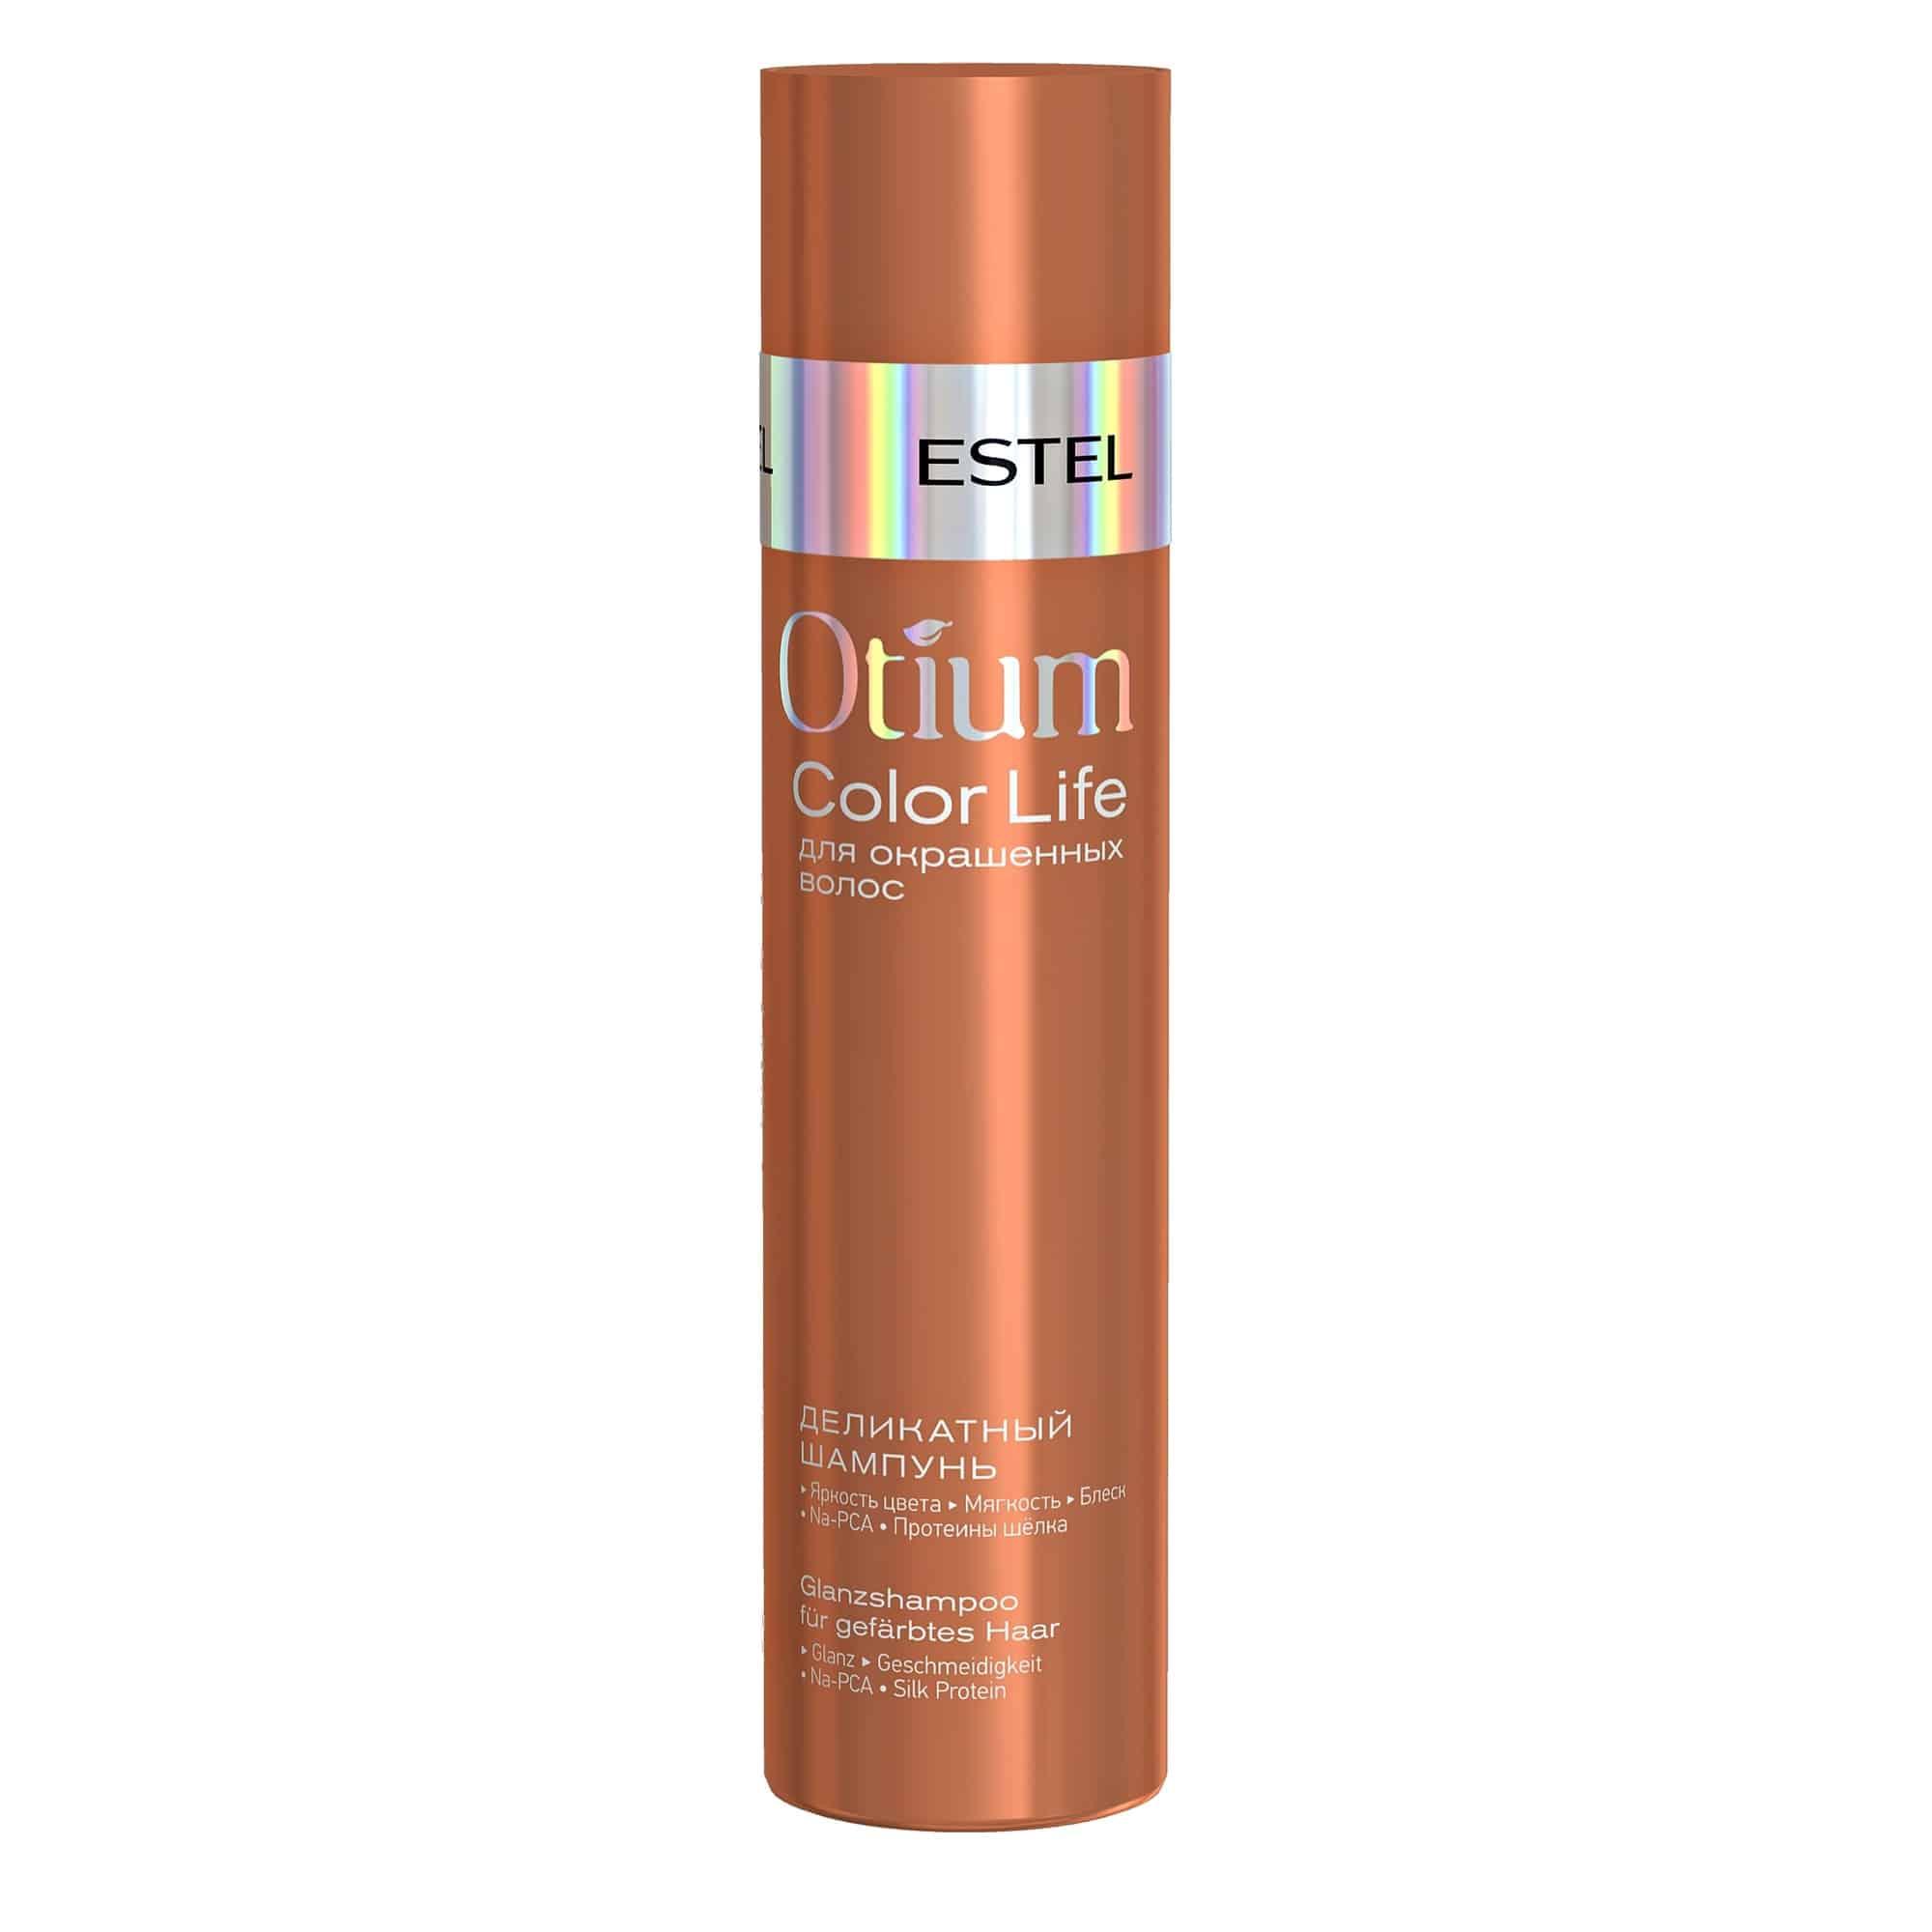 OTIUM COLOR LIFE Glanz-Shampoo für gefärbtes Haar von ESTEL